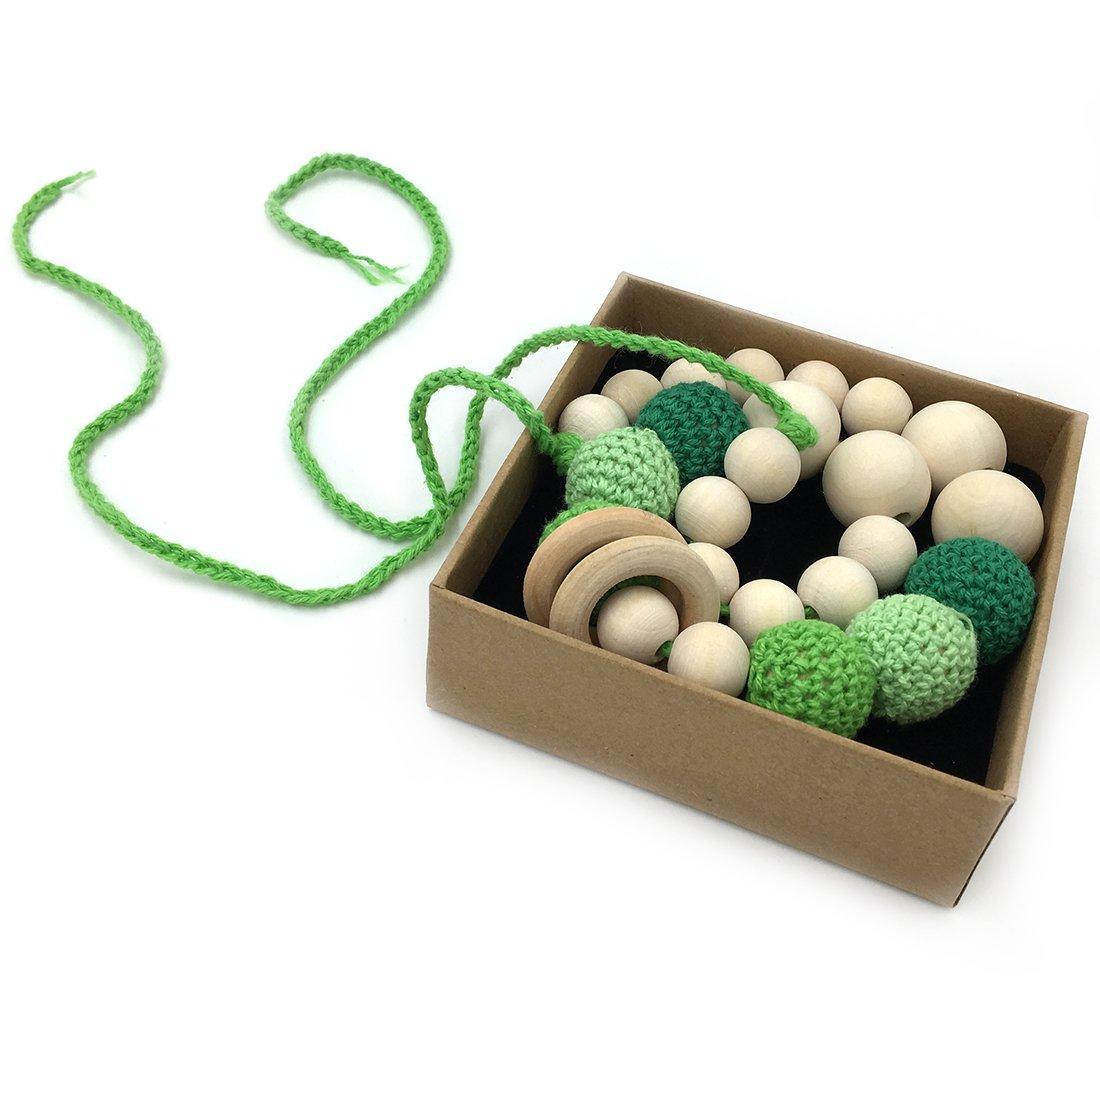 Coskiss Verde Collares de ganchillo Collar de dientes de beb/é Collar de dentici/ón seguro con juguete de madera hecho a mano natural org/ánica Mam/á Collar de dientes de madera para ni/ños Verde